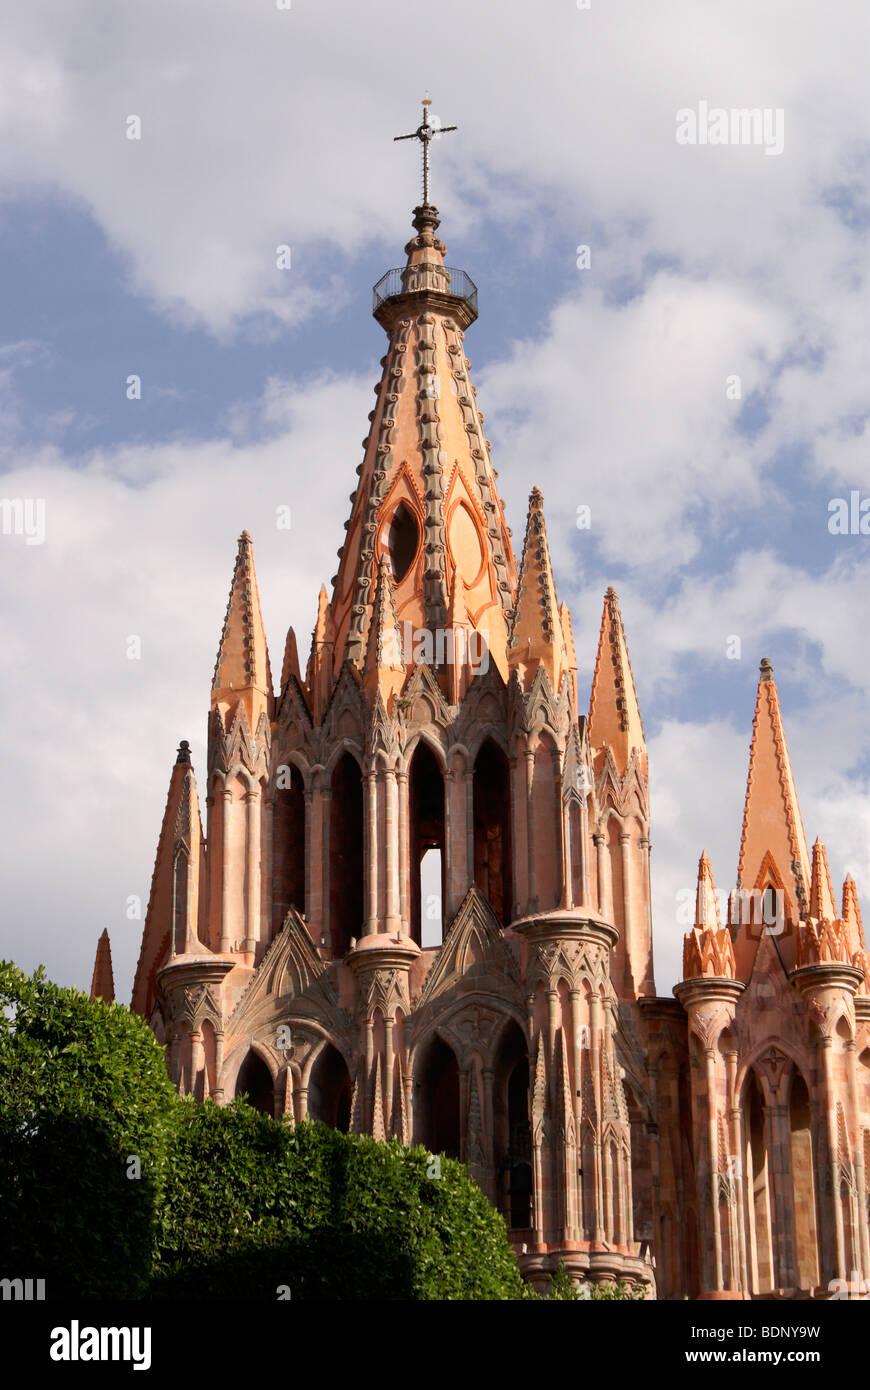 The Parish Church or Parroquia de San Miguel Arcangel in San Miguel de Allende, Guanajuato, Mexico Stock Photo